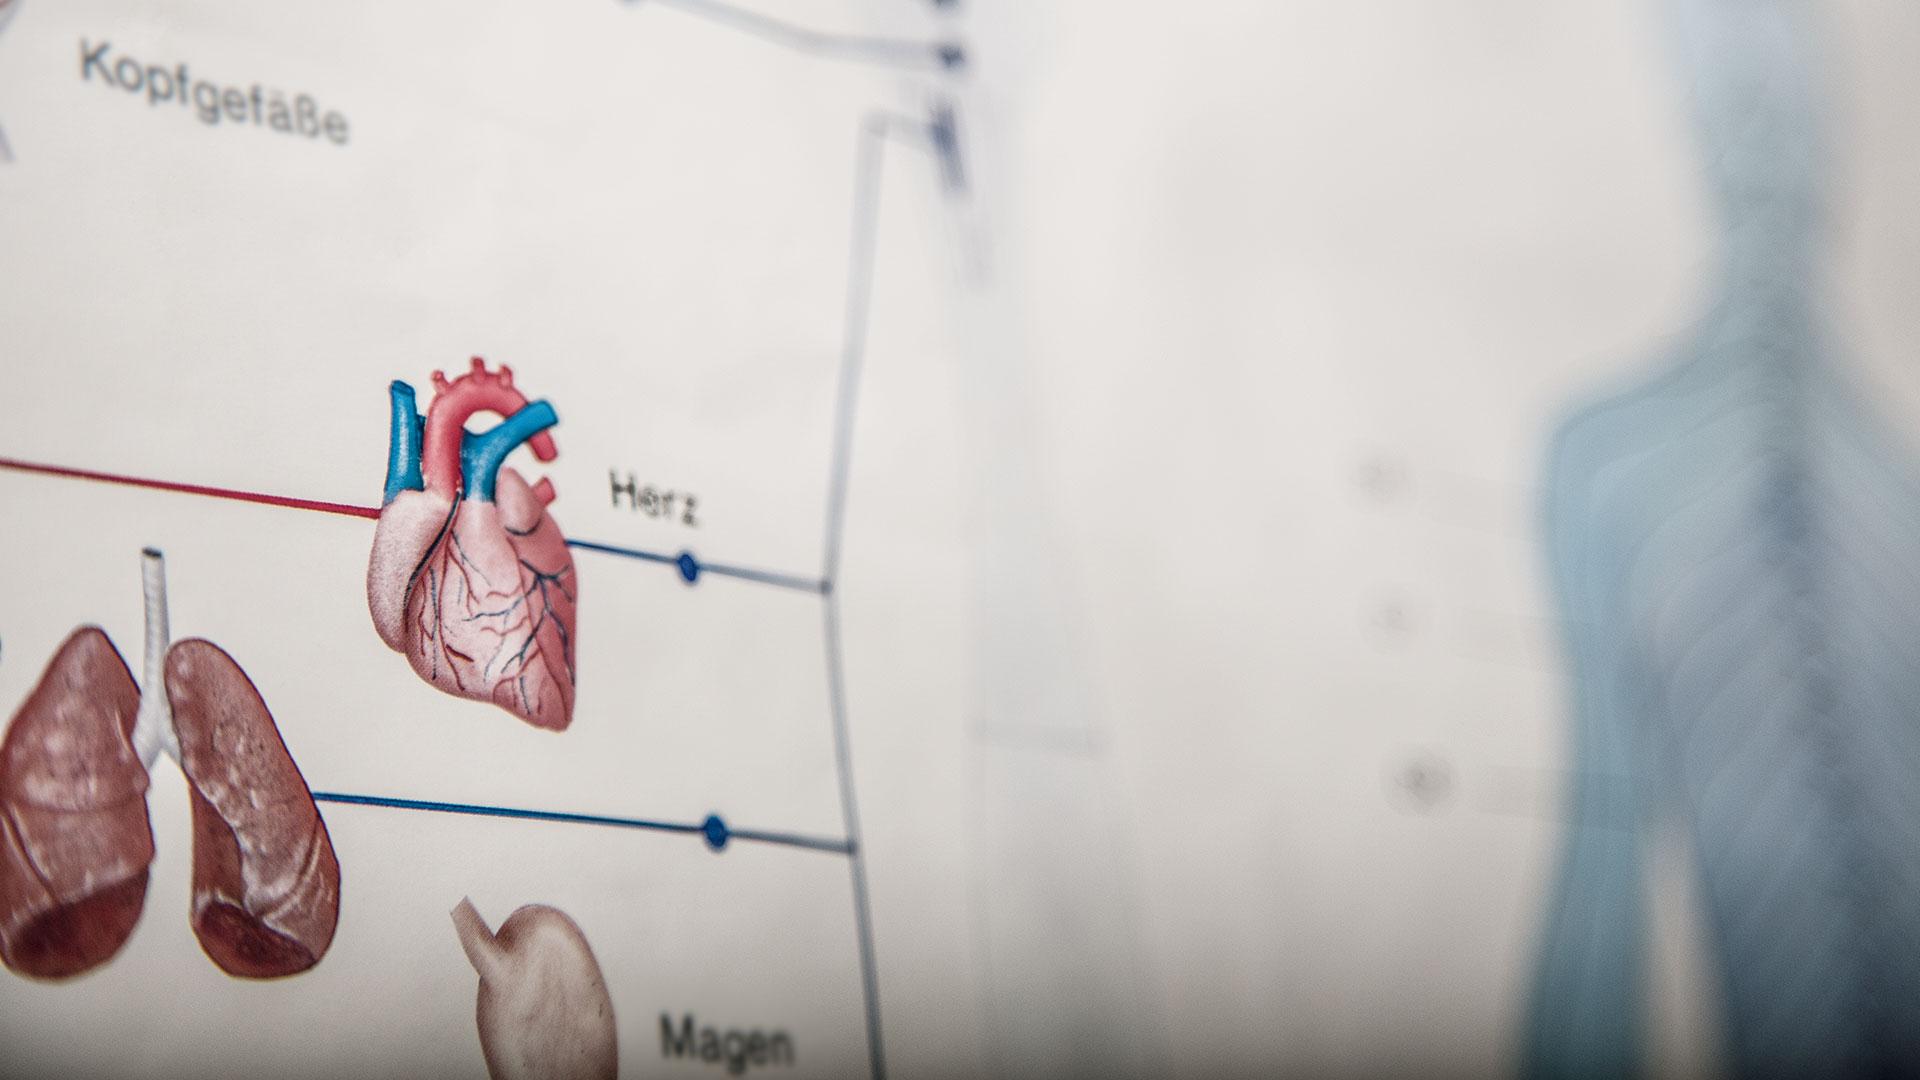 Anatomie | Schmitz